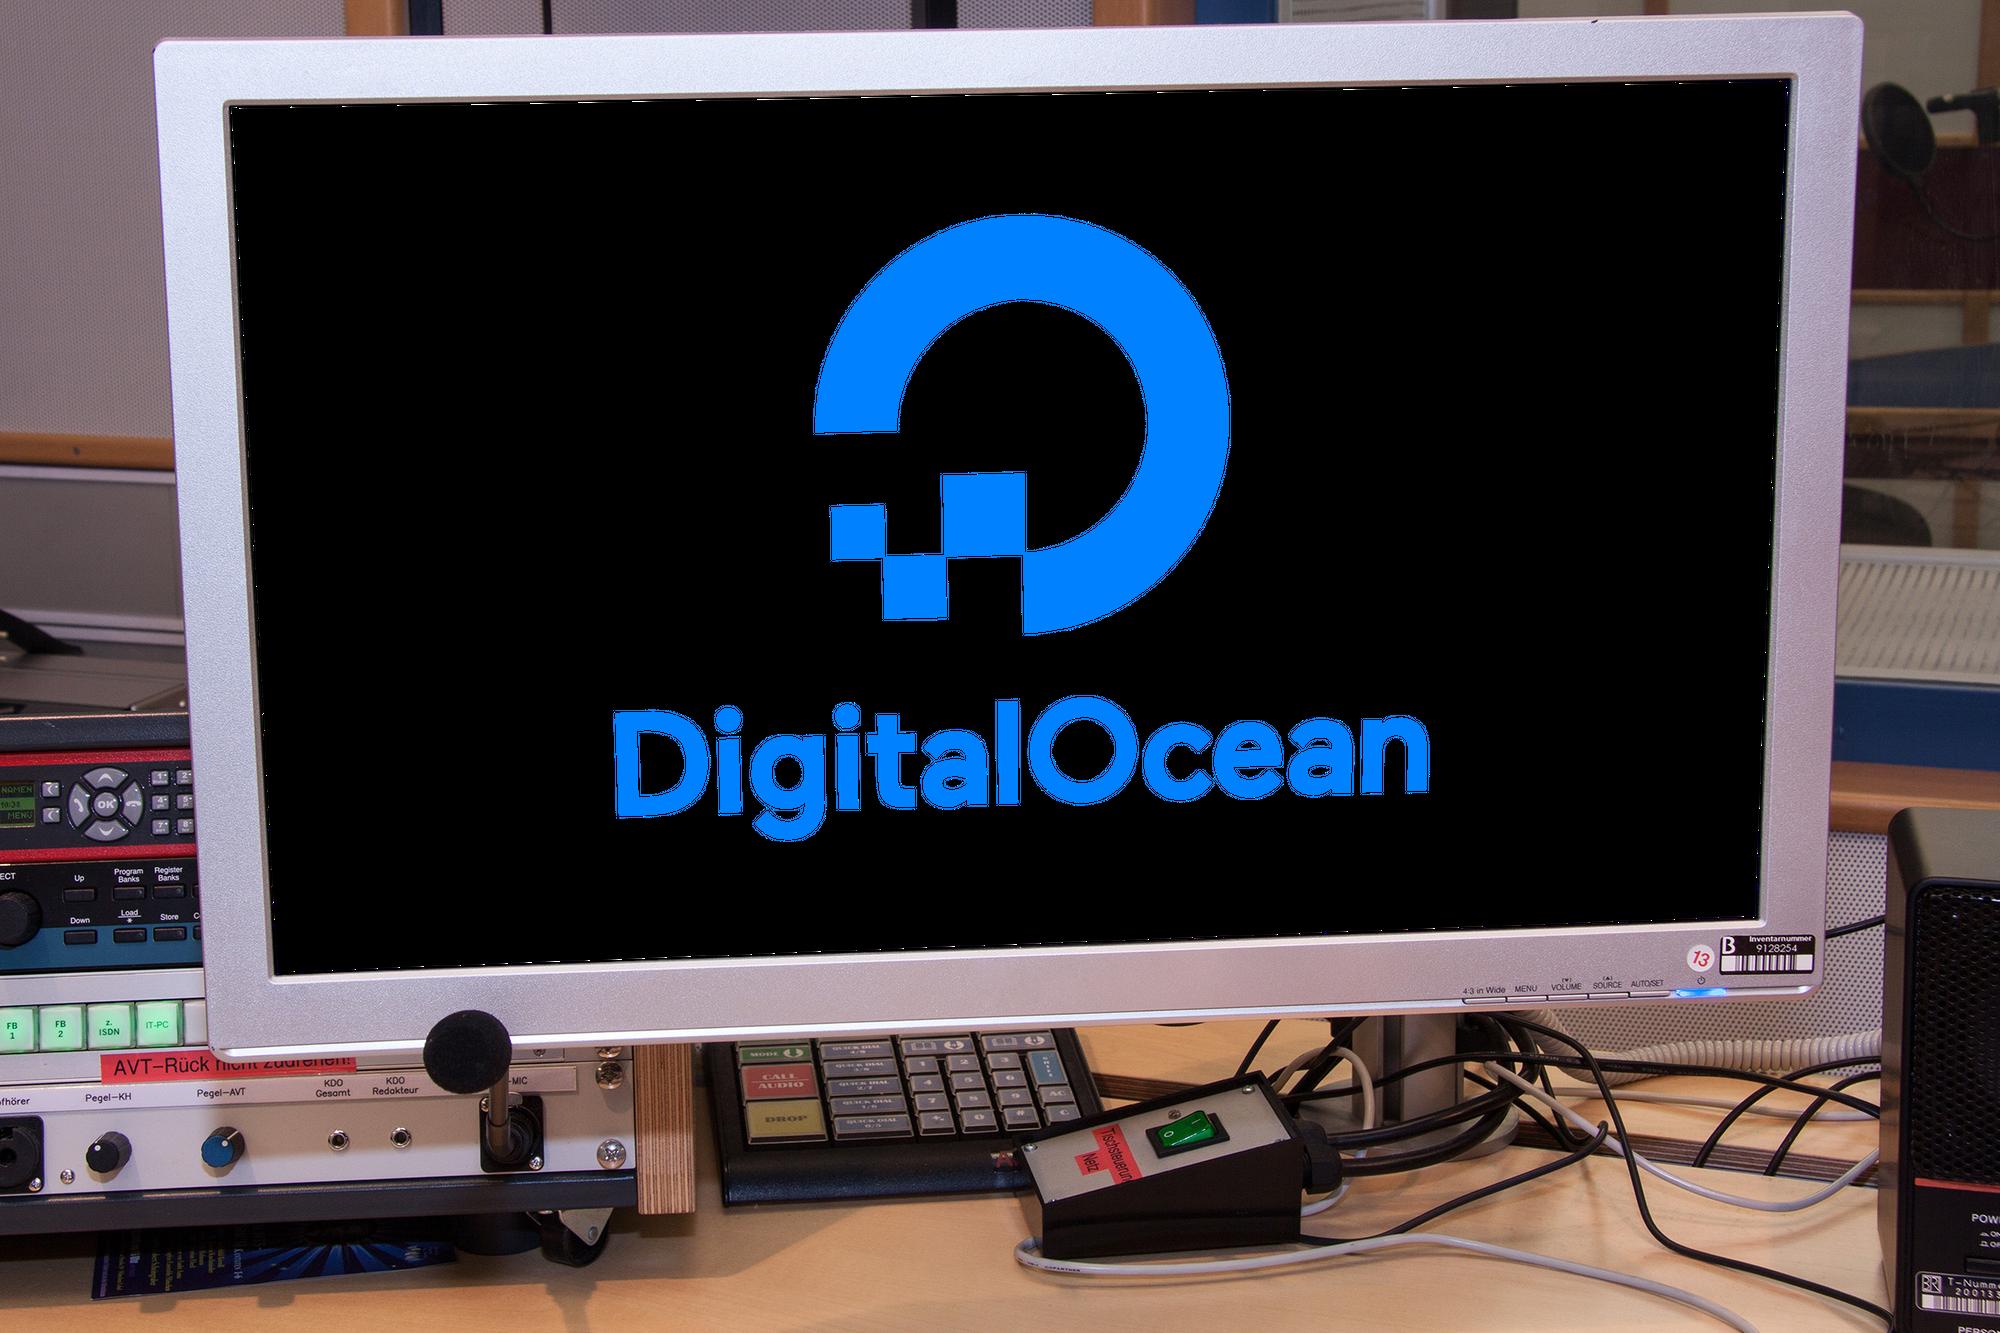 DigitalOcean Initial Public Offering